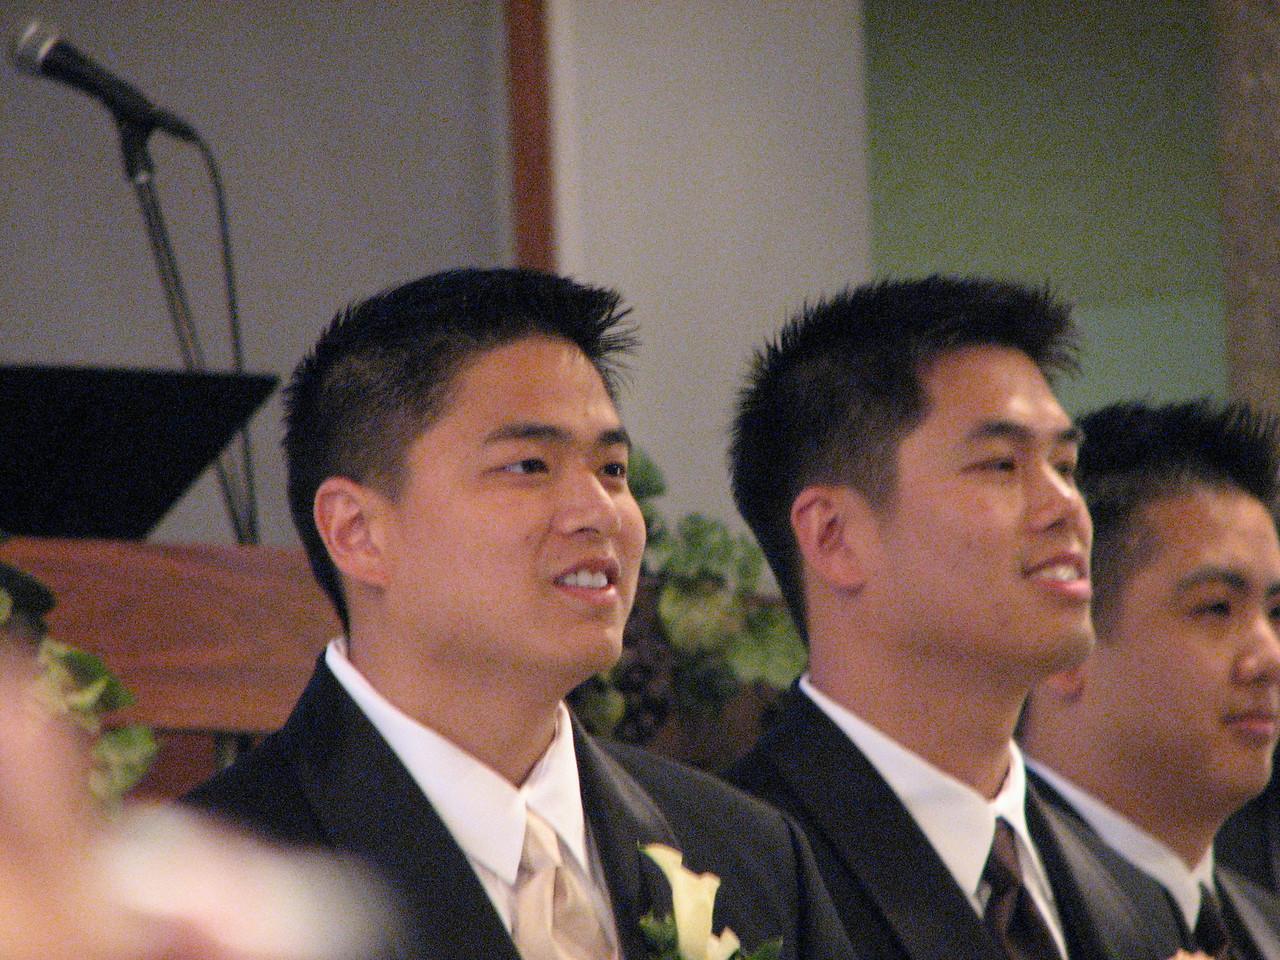 2007 06 09 Sat - Groom & groomsmen 1